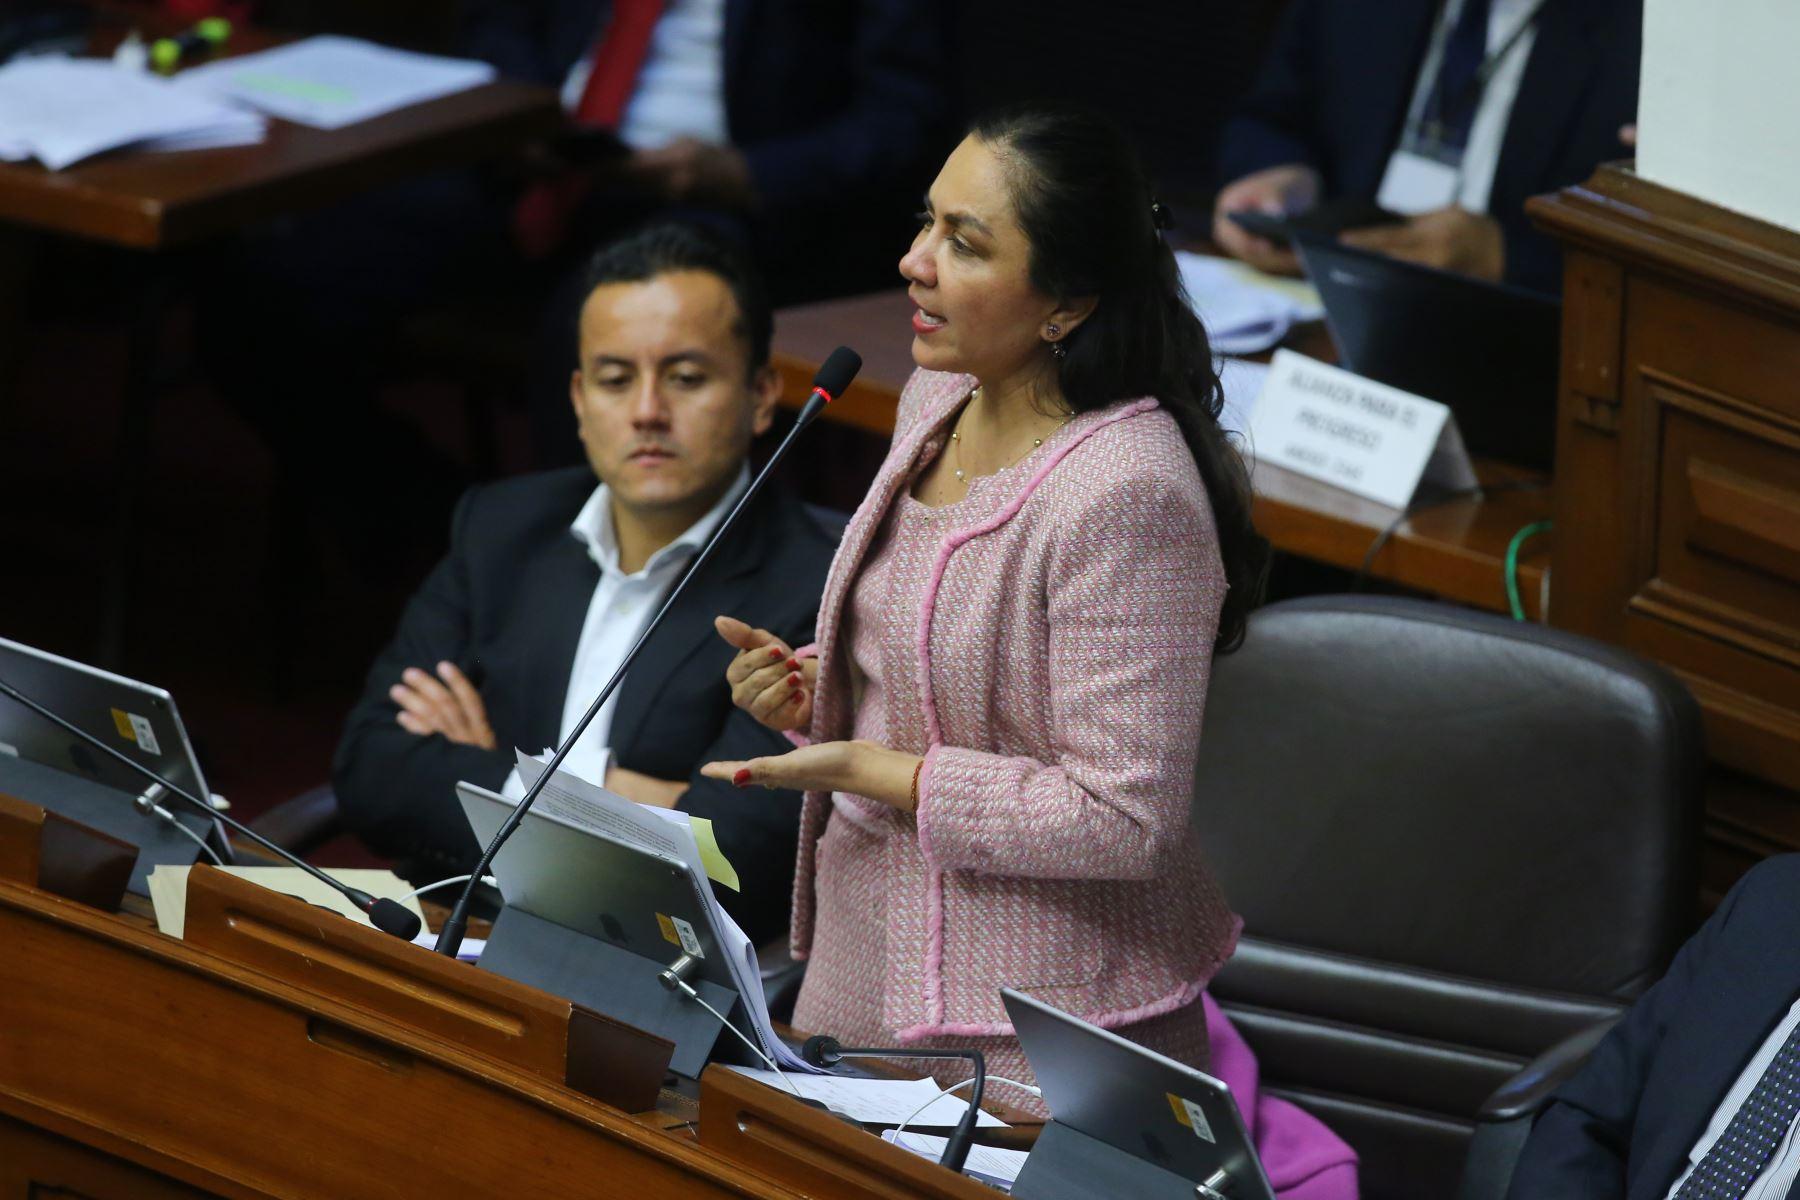 Congresista Marisol Espinoza  interviene en el debate sobre la cuestión de confianza en el Congreso de la República. Foto: ANDINA/Vidal Tarqui